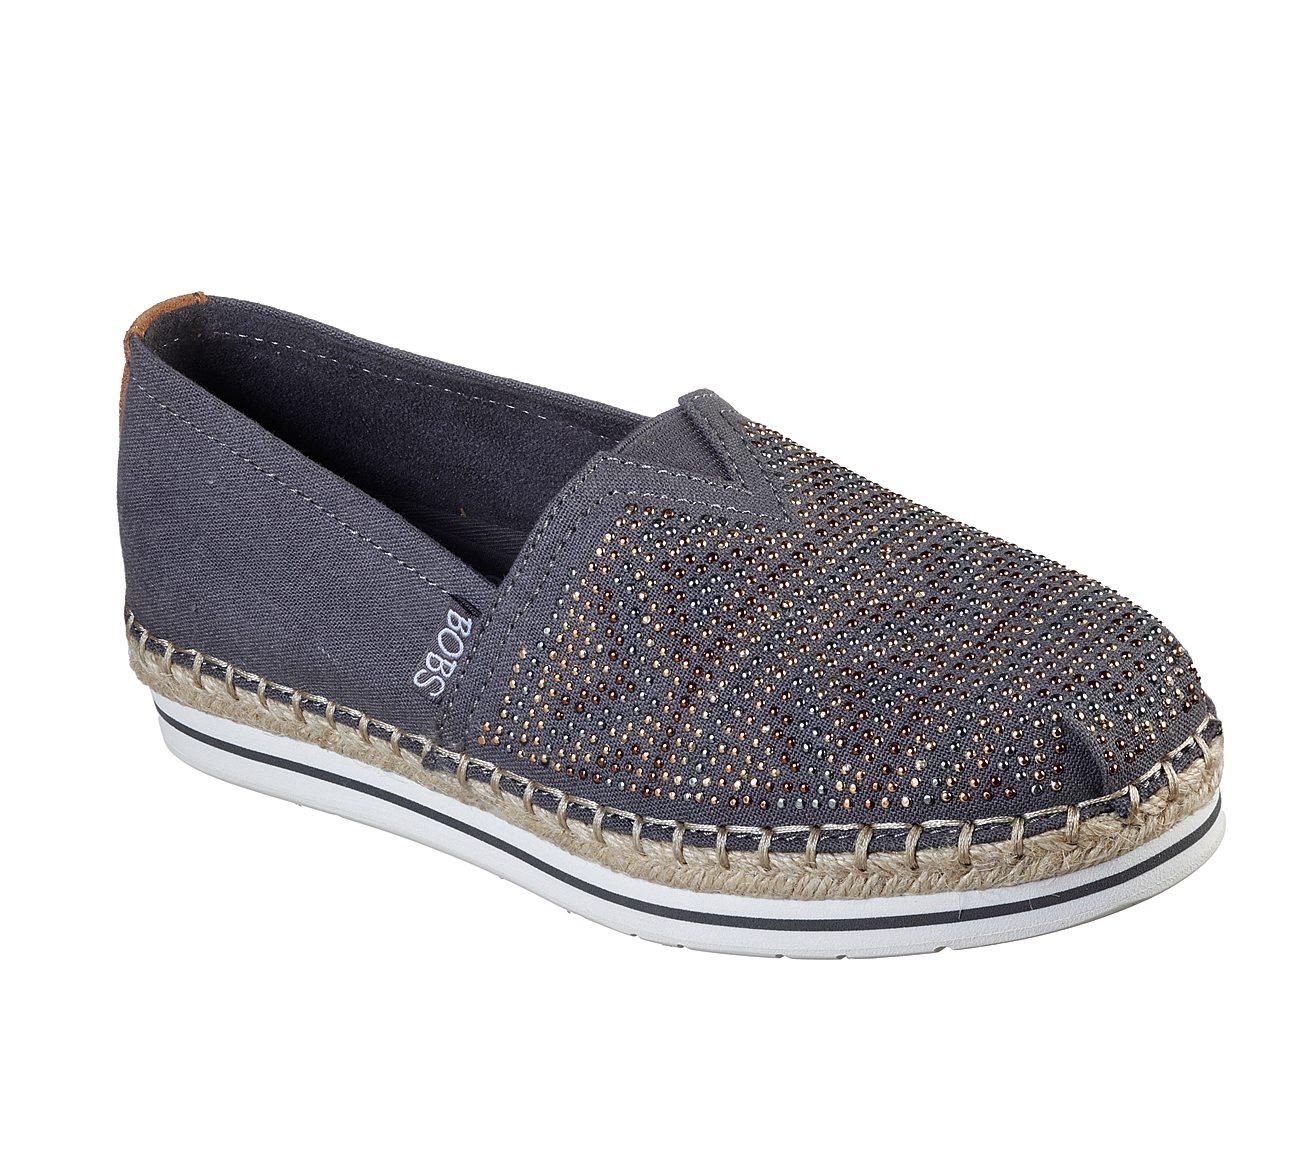 9c95a88b8e715 Buy SKECHERS BOBS Breeze - Moonbeams & Stars Comfort Shoes Shoes ...